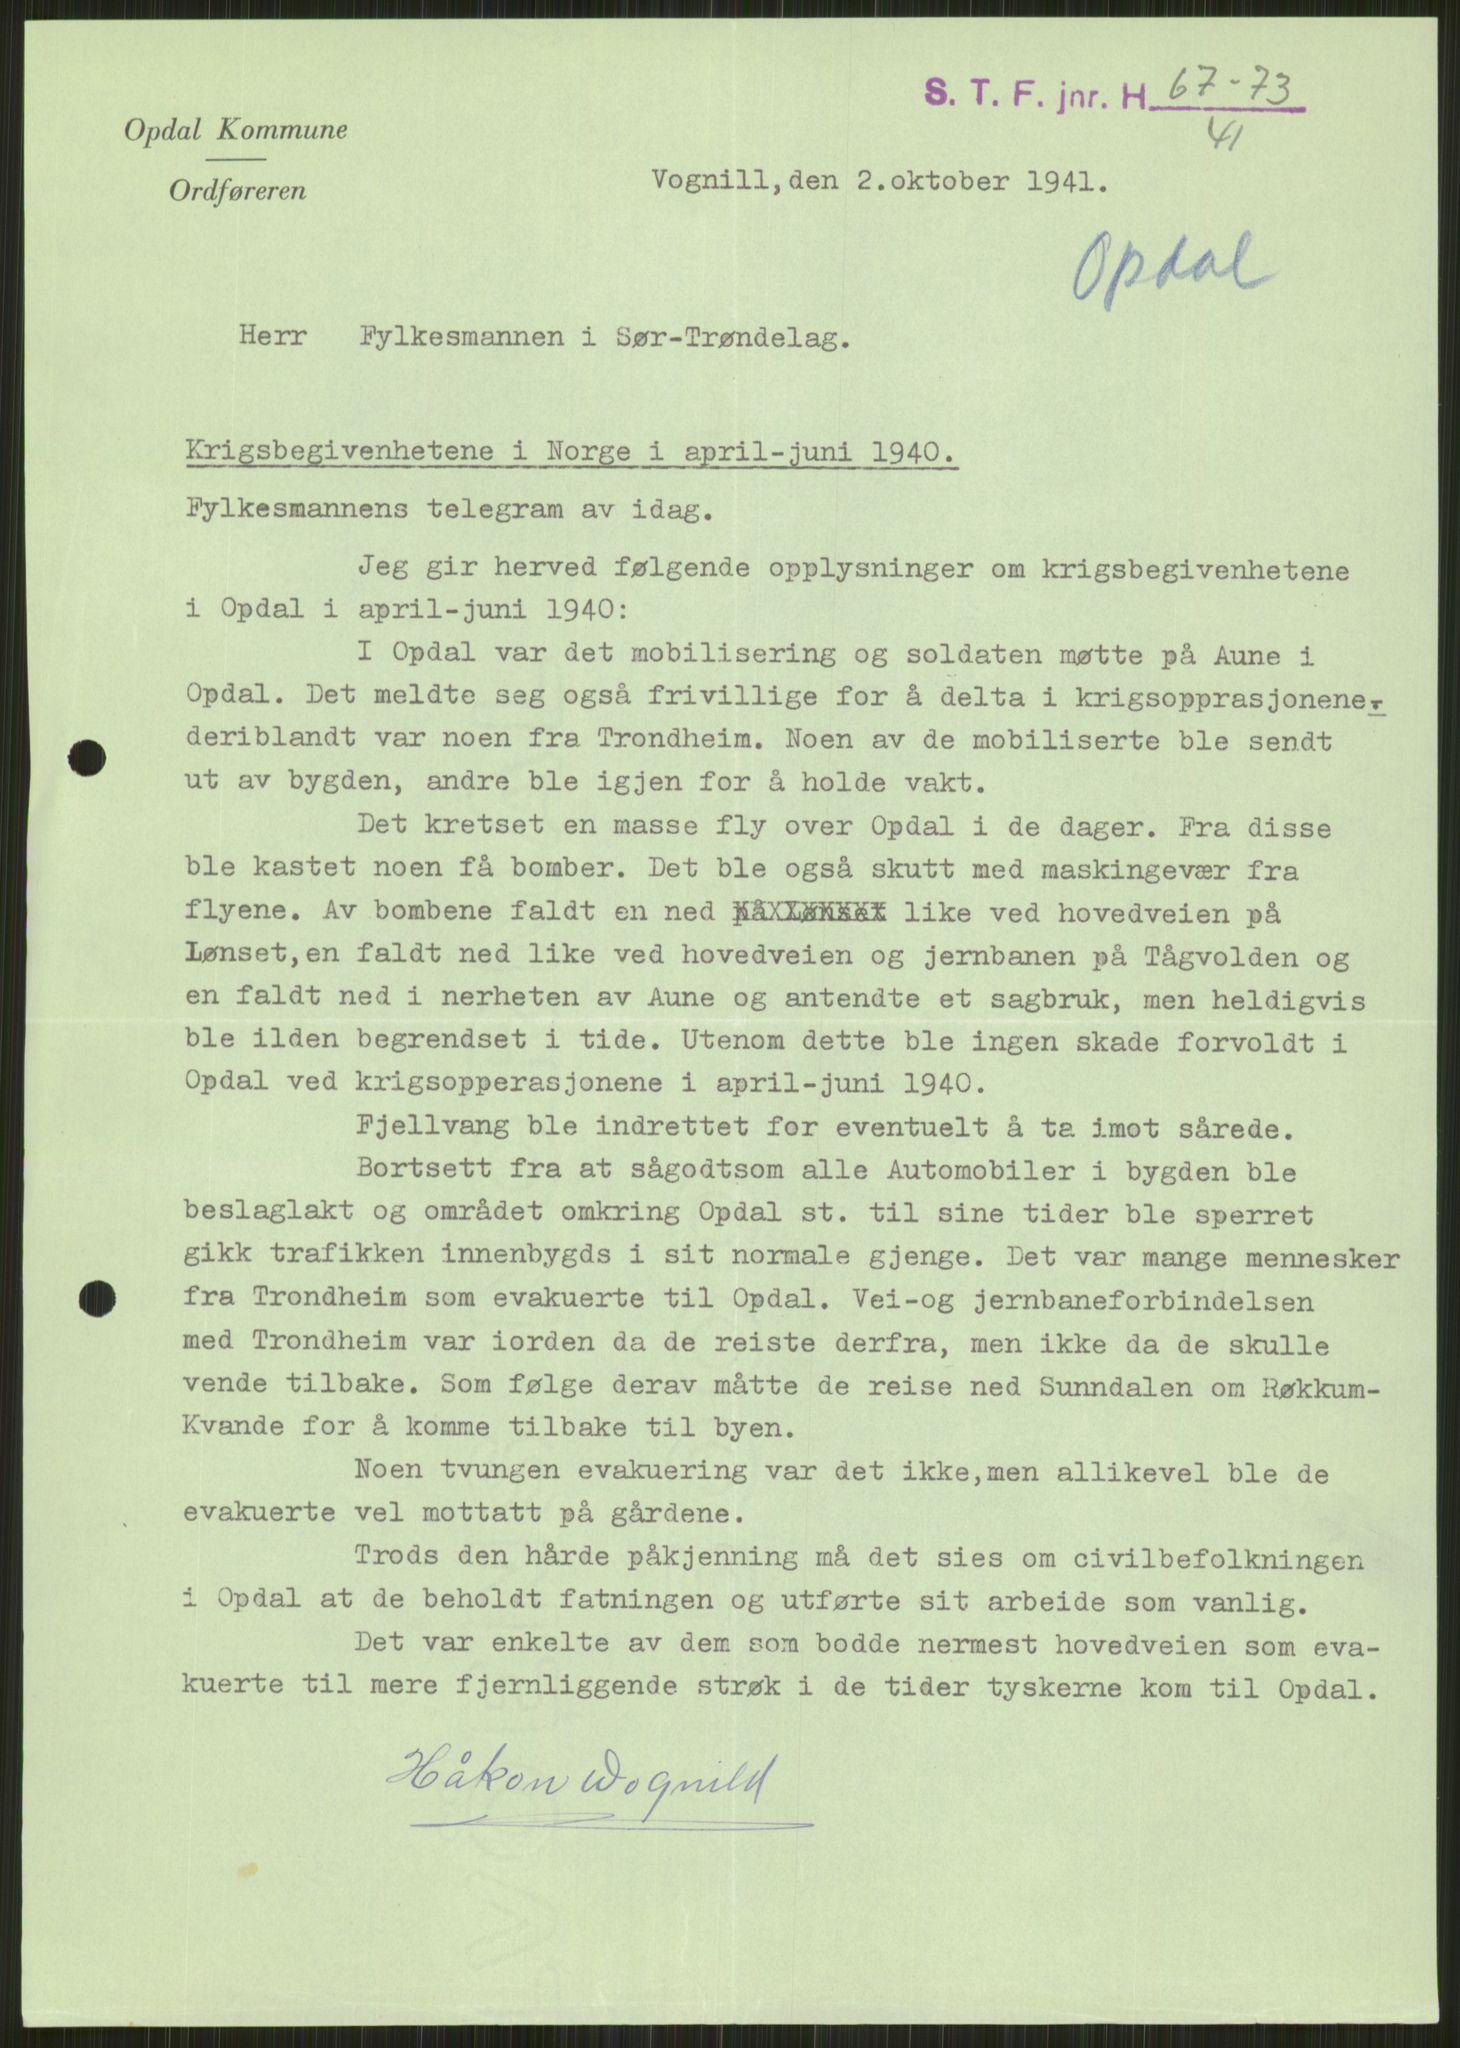 RA, Forsvaret, Forsvarets krigshistoriske avdeling, Y/Ya/L0016: II-C-11-31 - Fylkesmenn.  Rapporter om krigsbegivenhetene 1940., 1940, s. 100